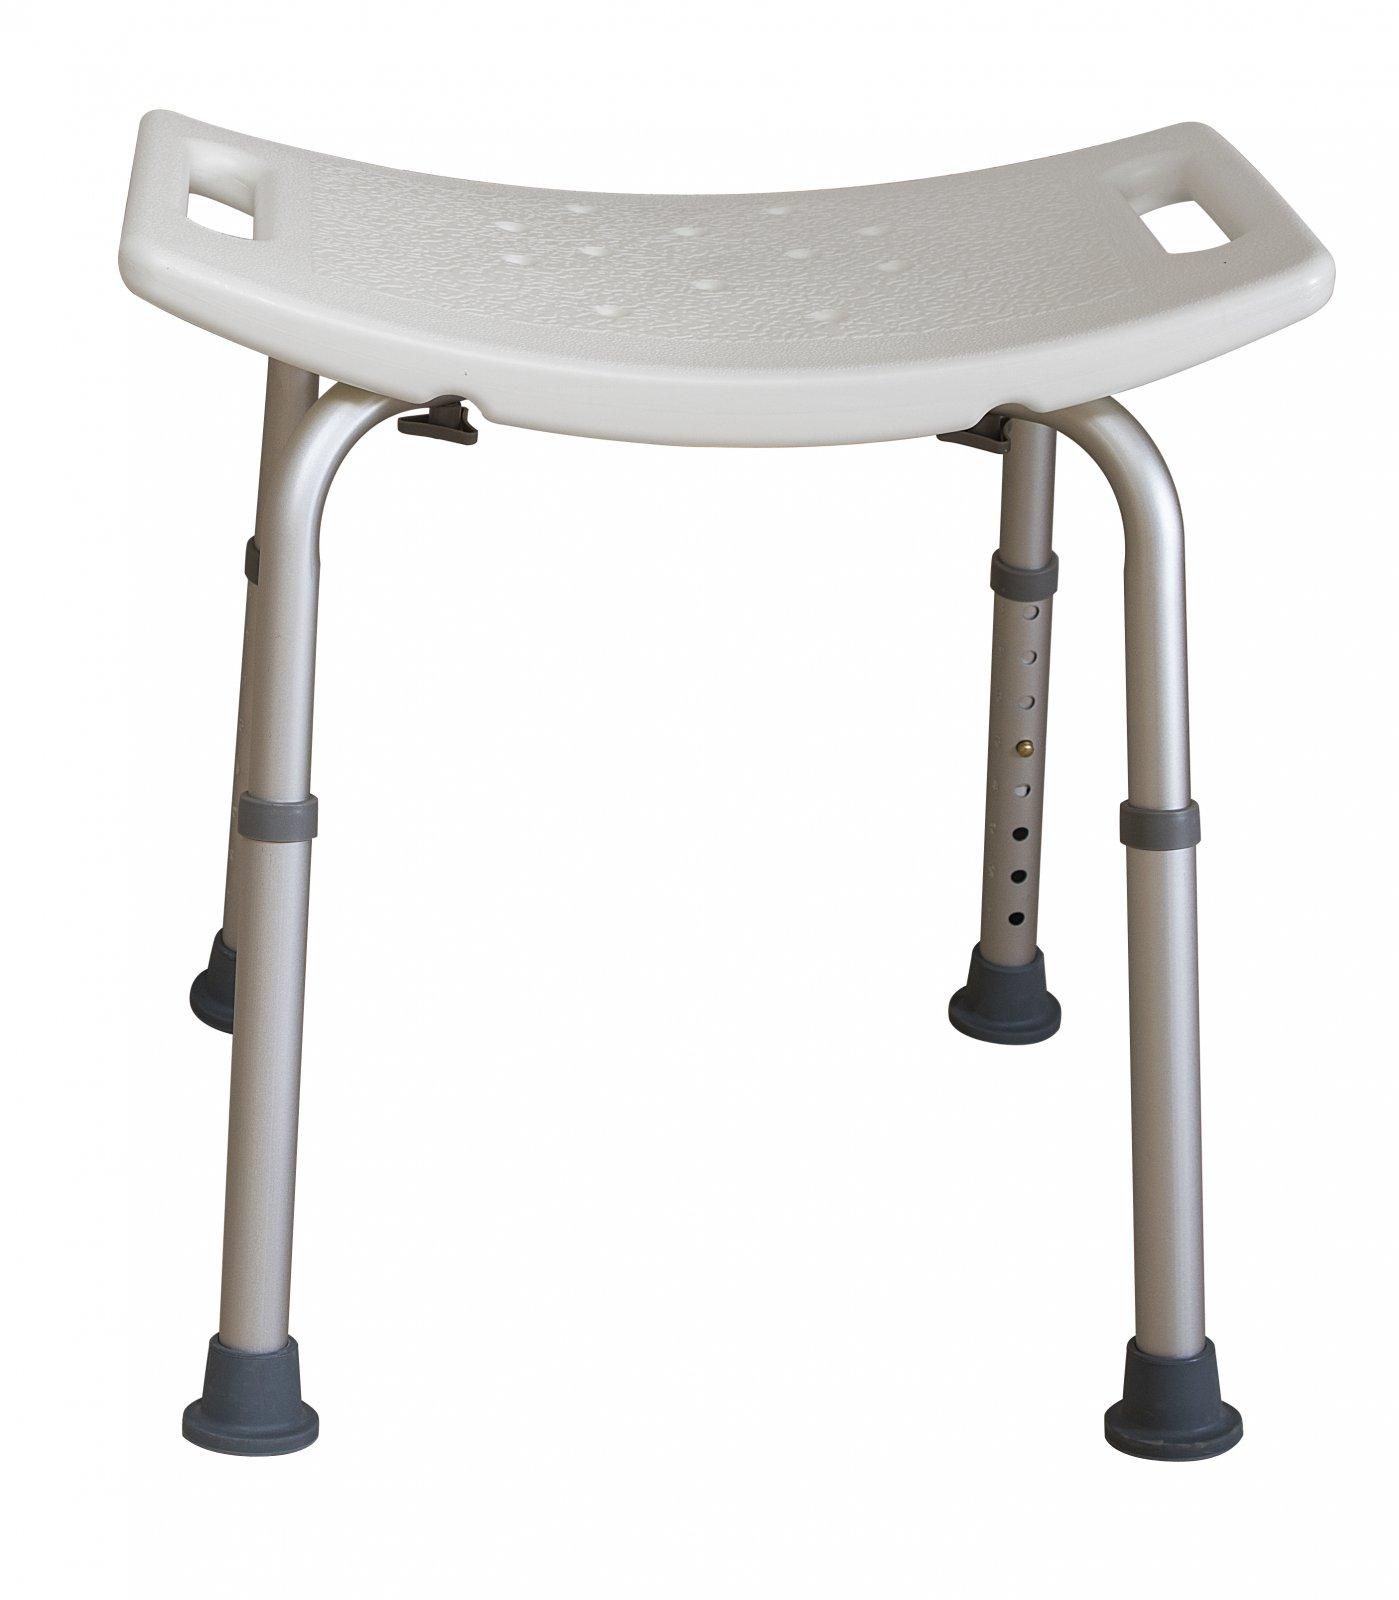 Shower Bench, Essential Medical, Adjustable